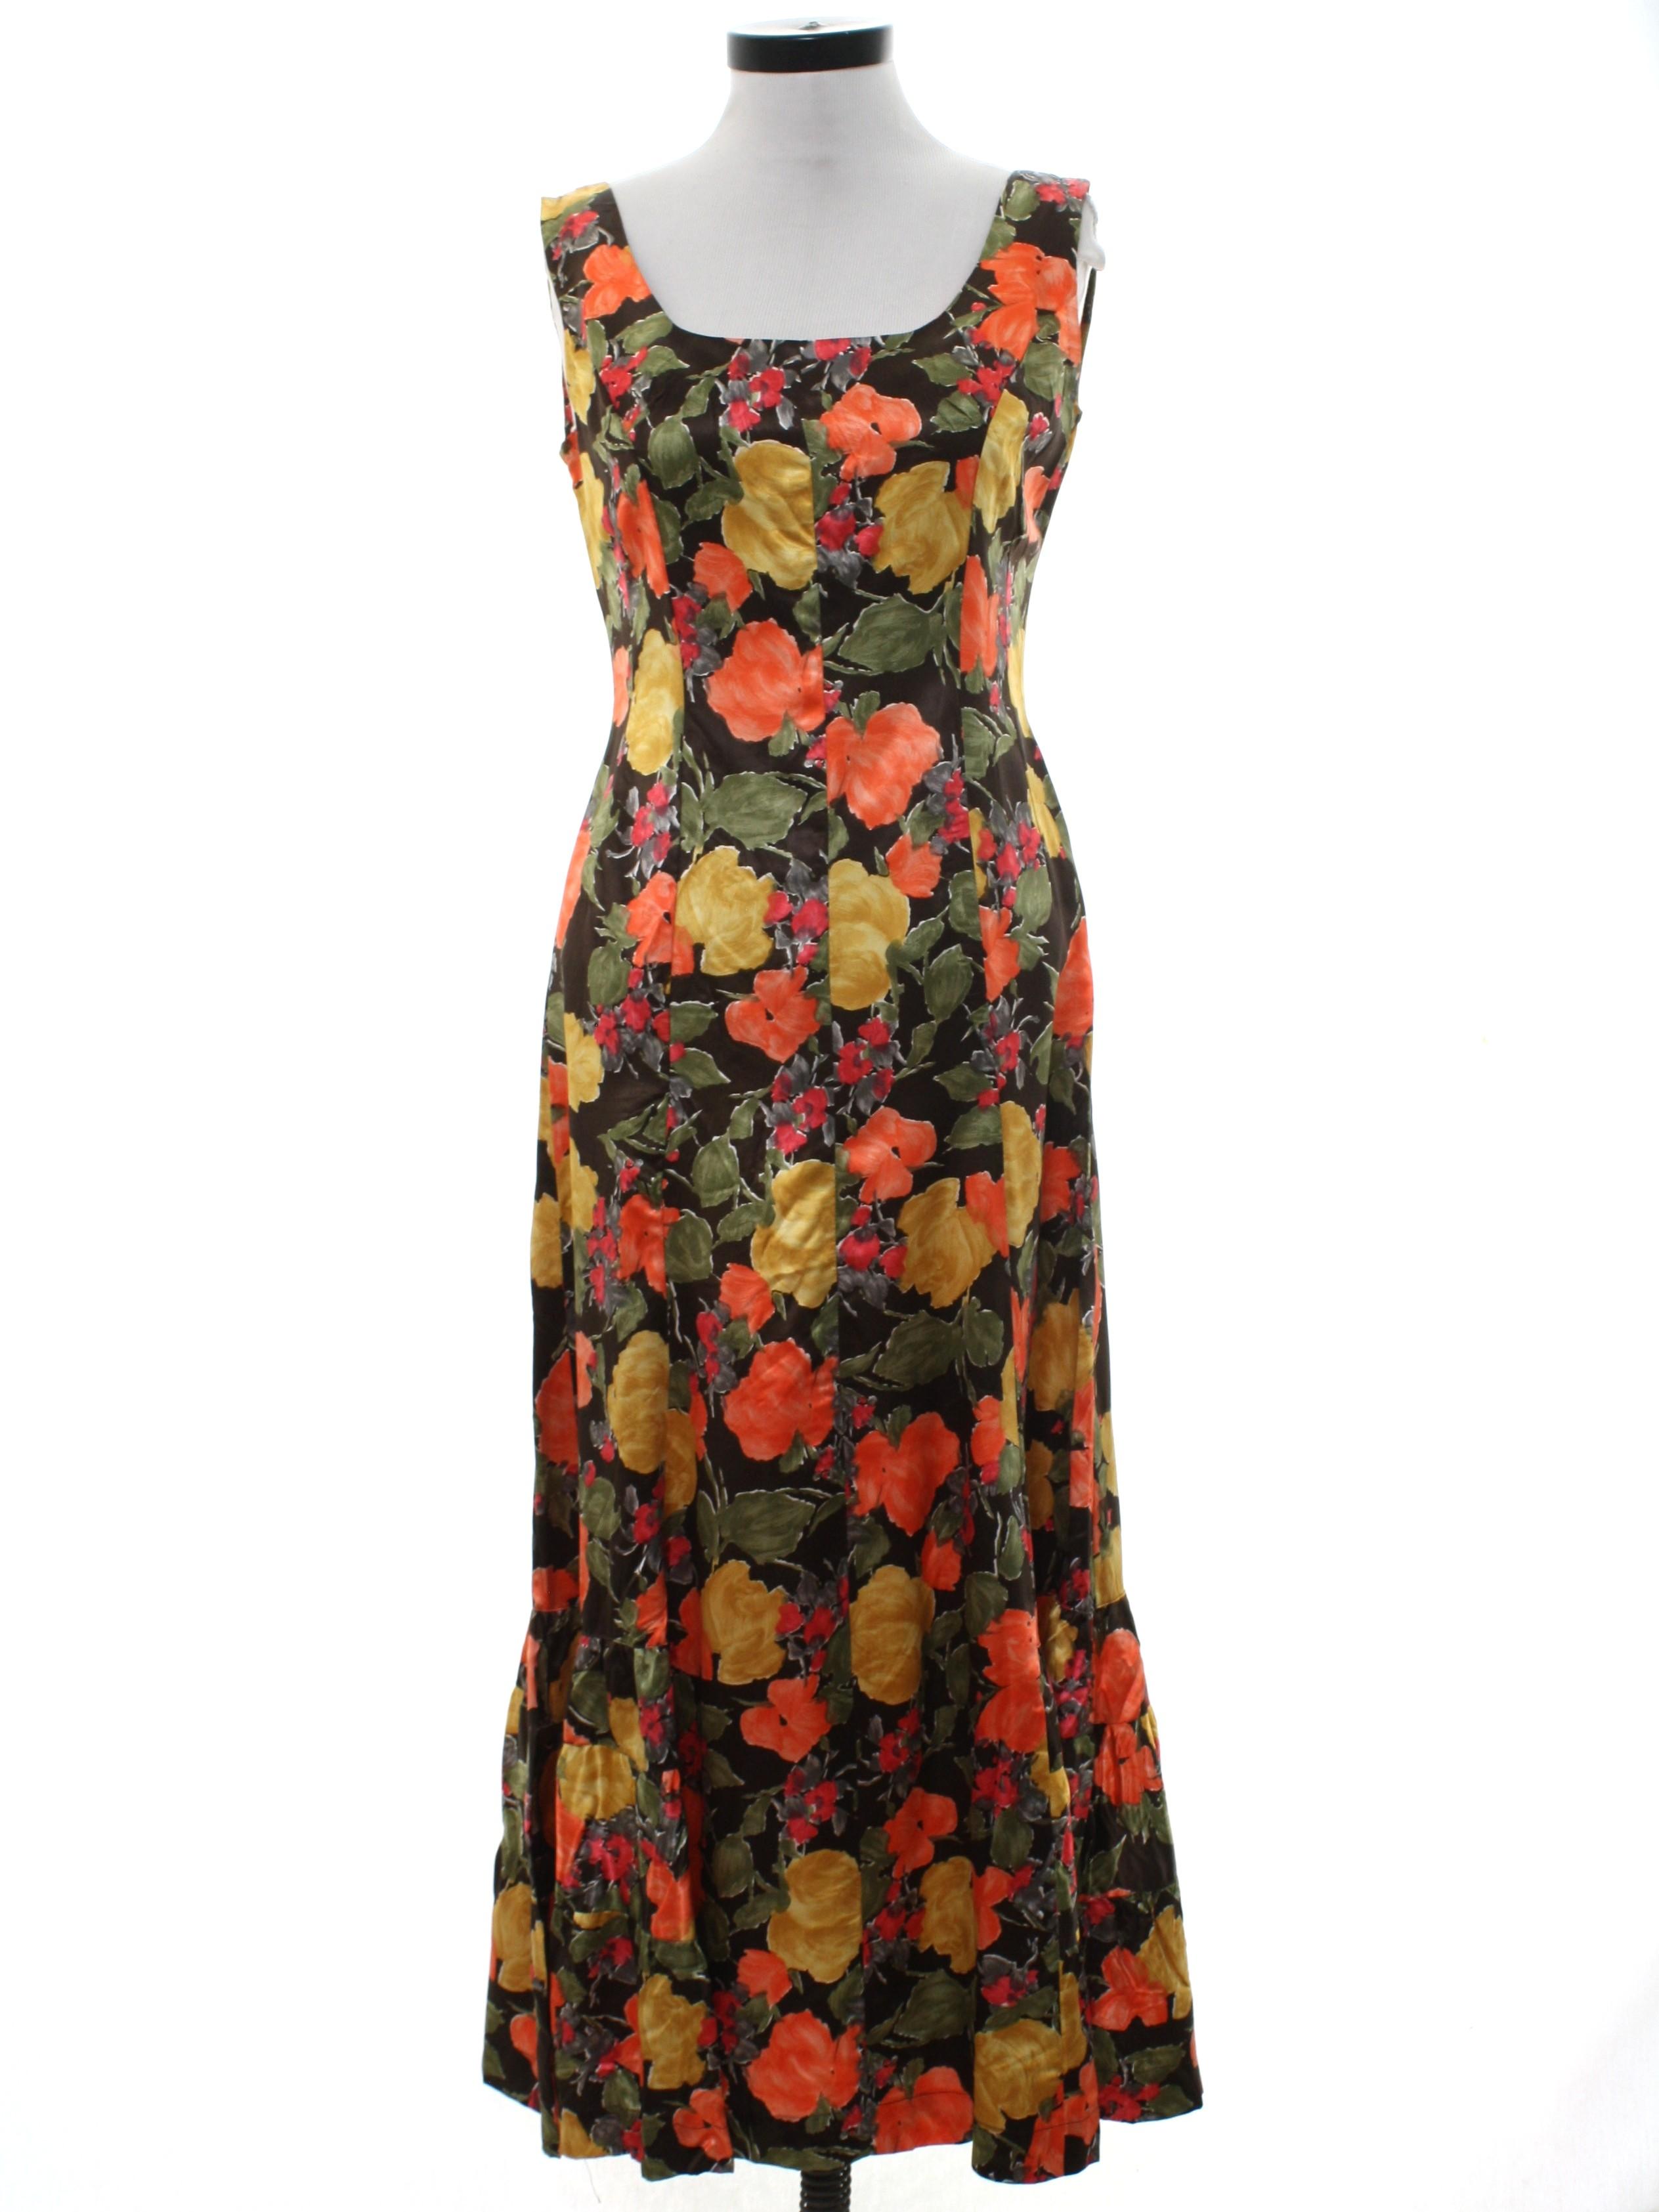 4ae641390a5a Home Sewn 1960s Vintage Dress: 60s -Home Sewn- Womens dark brown ...